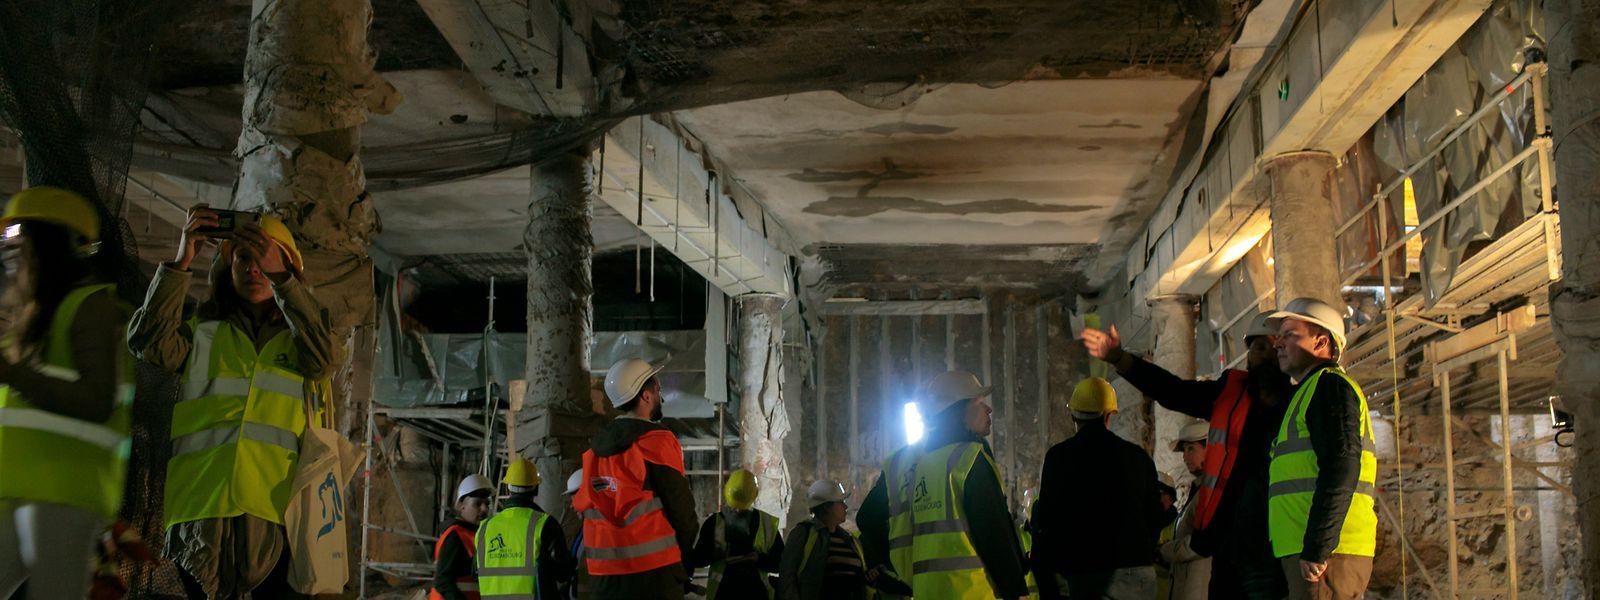 «Fait est qu'à ce stade le chantier est vraiment spectaculaire!», s'exclame la bourgmestre de la Ville, Lydie Polfer lors de la visite en souterrain de la presse.